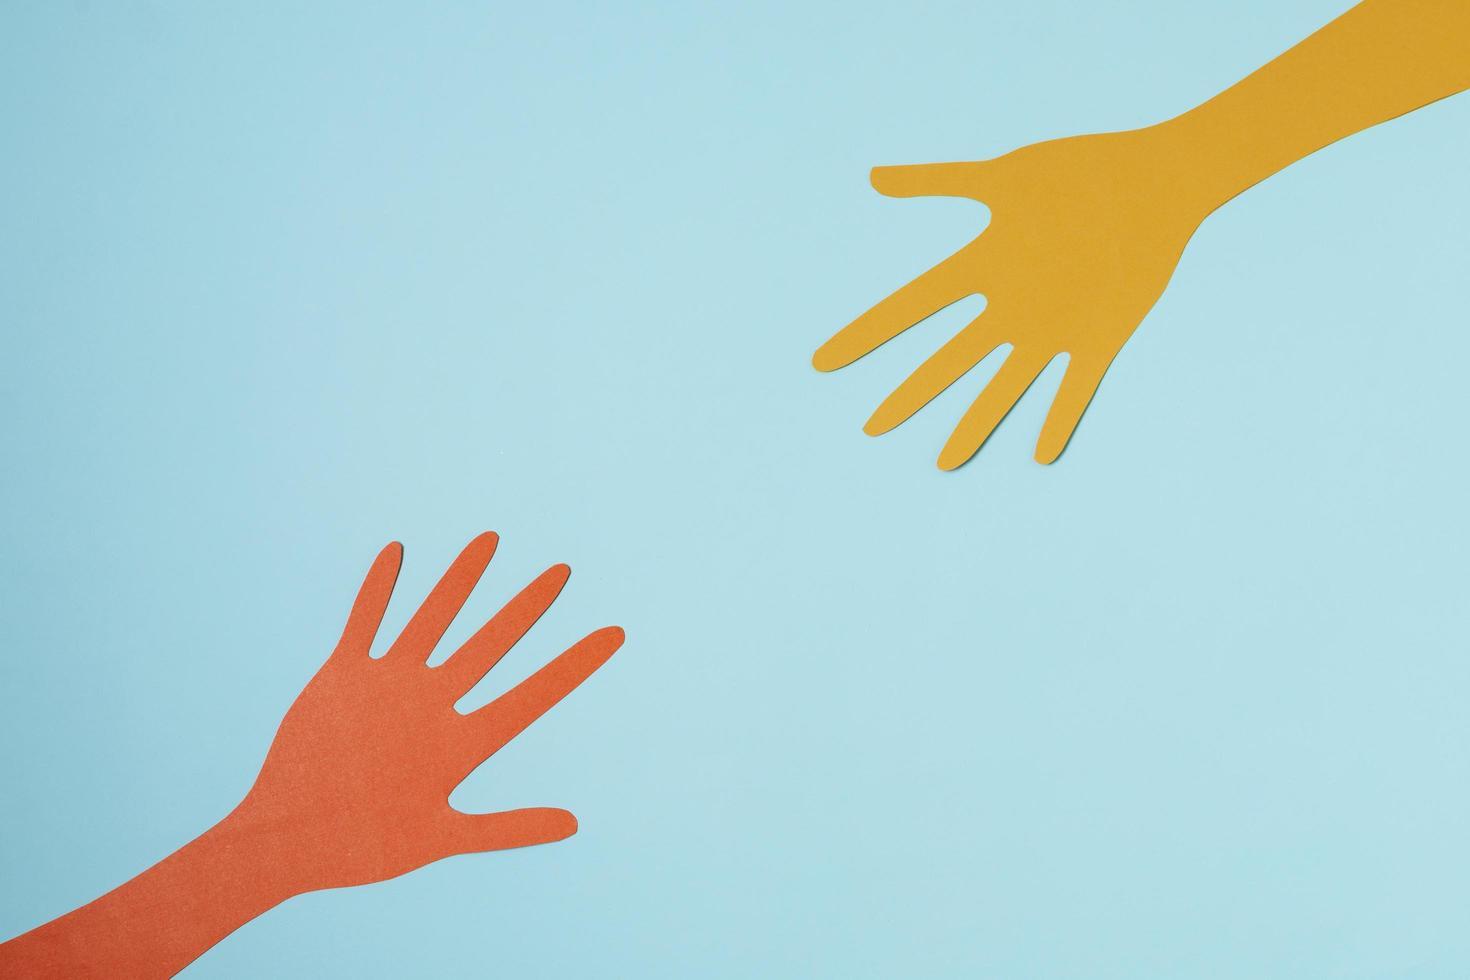 mani di carta su sfondo blu foto